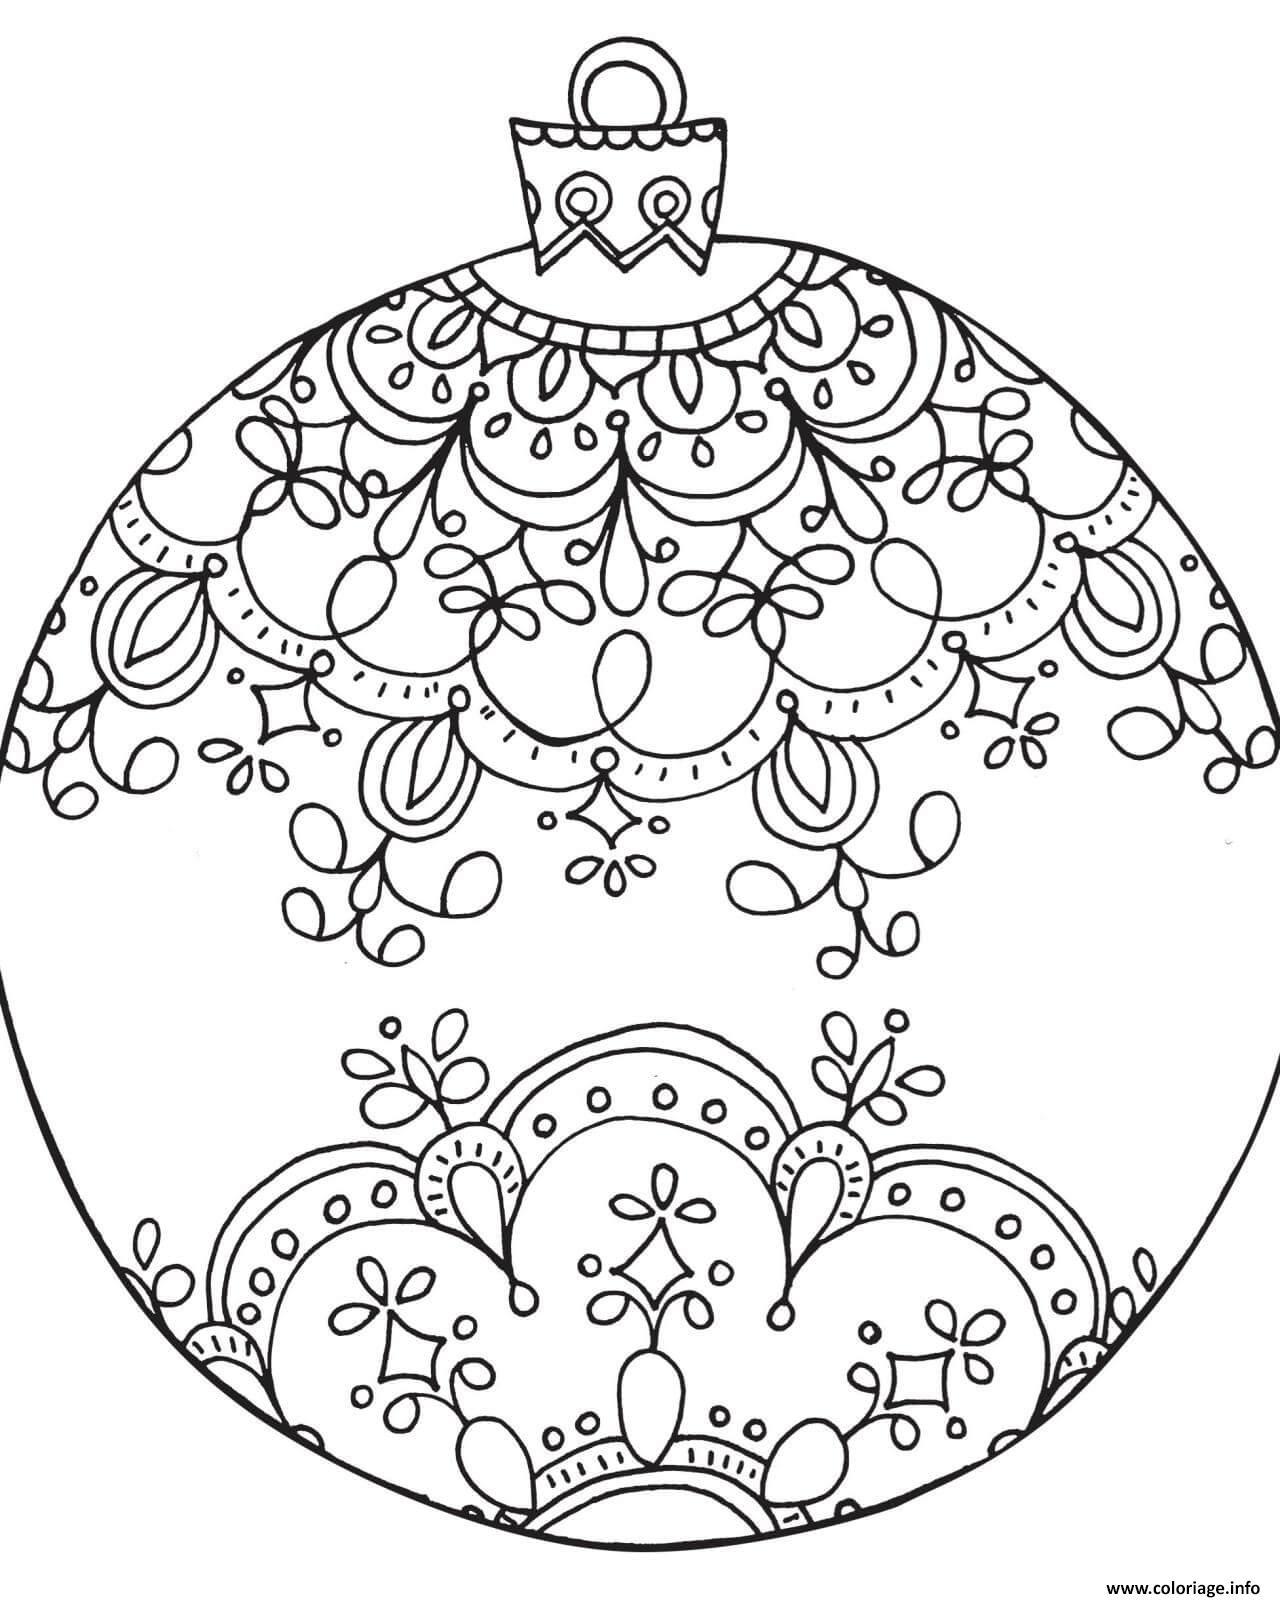 Dessin Boule De Noel.Coloriage A Imprimer Boule De Noel